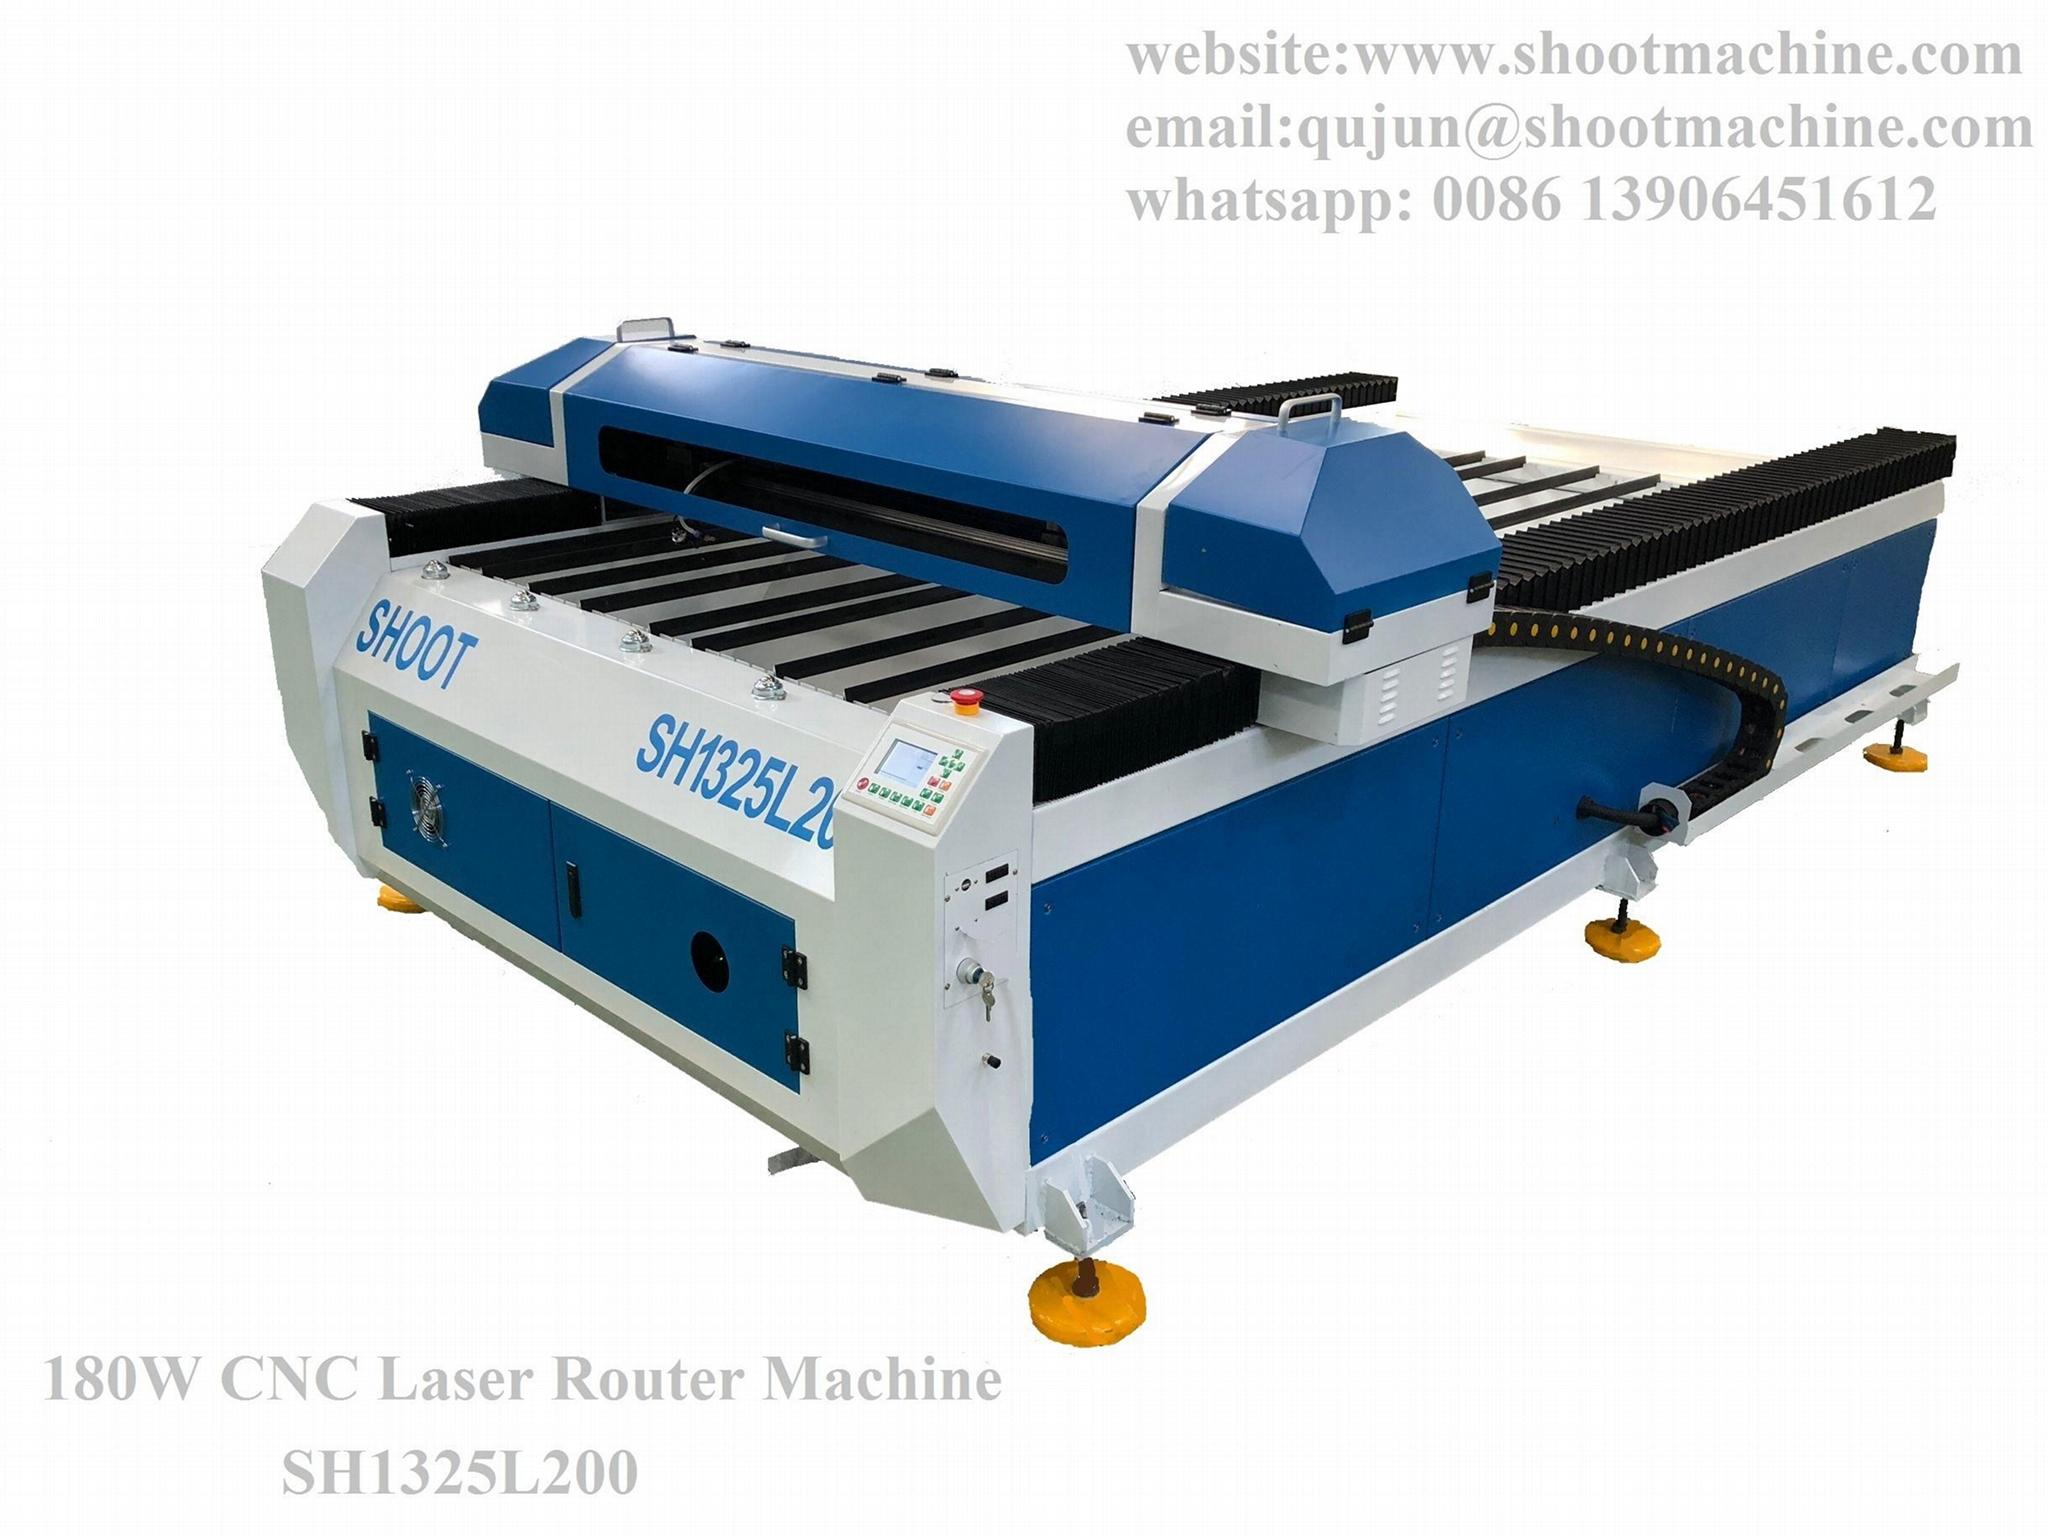 180W CNC Laser Router Machine, SH1325L200